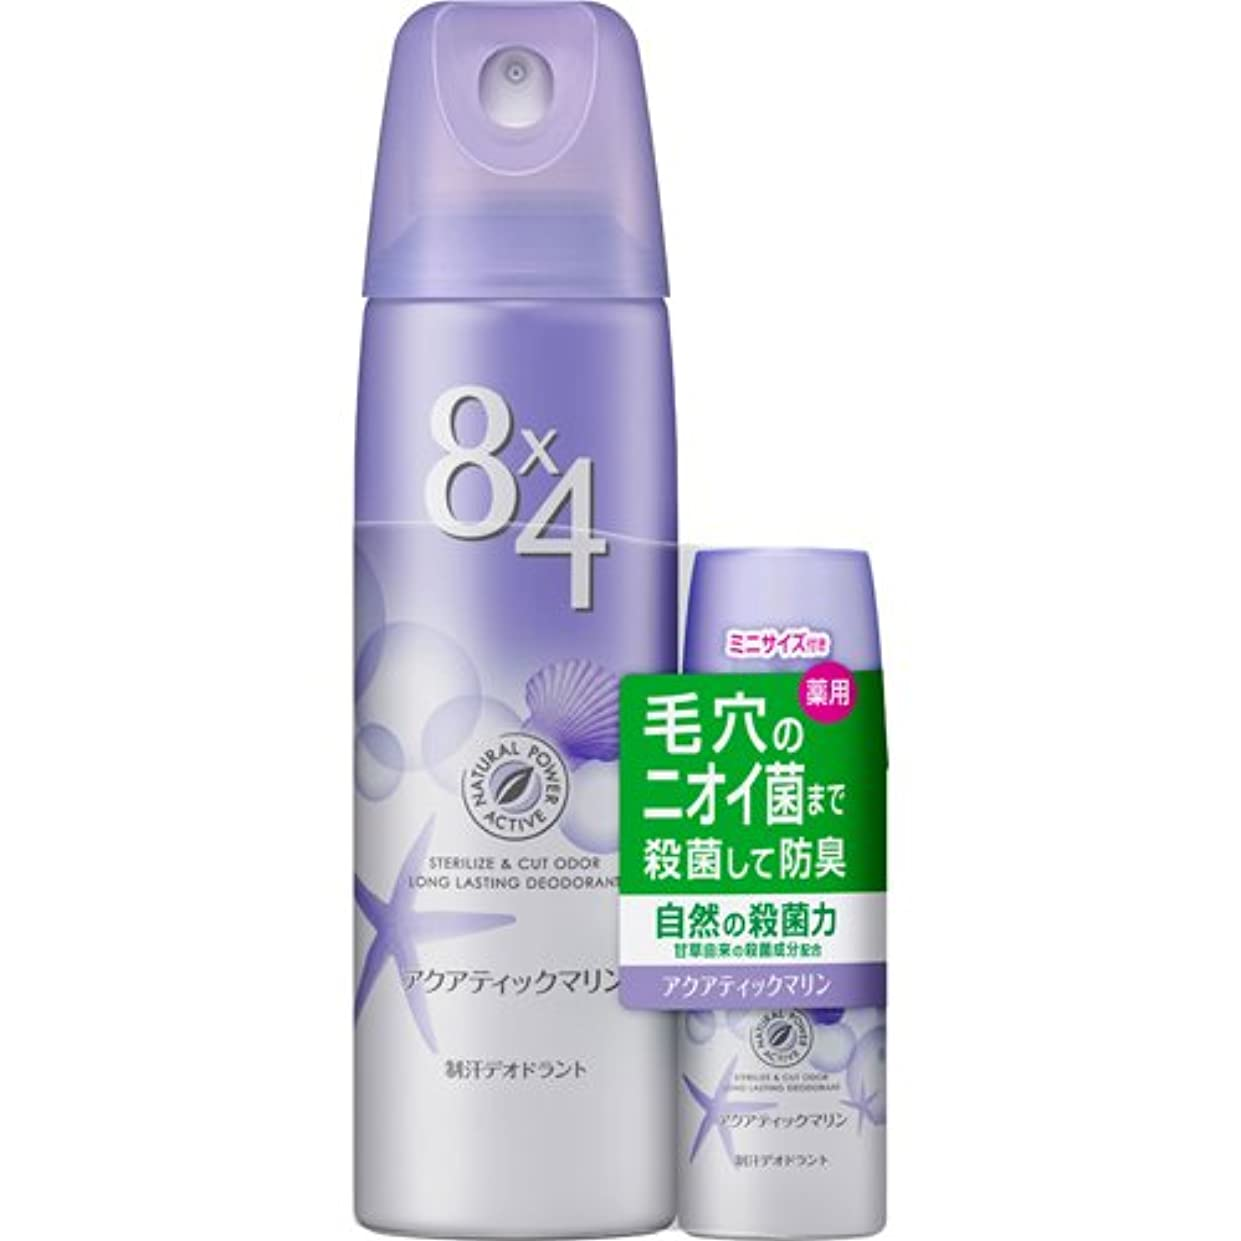 失速耕すフォアマン【数量限定】8x4(エイトフォー) パウダースプレー アクアティックマリンの香り 150g+30g